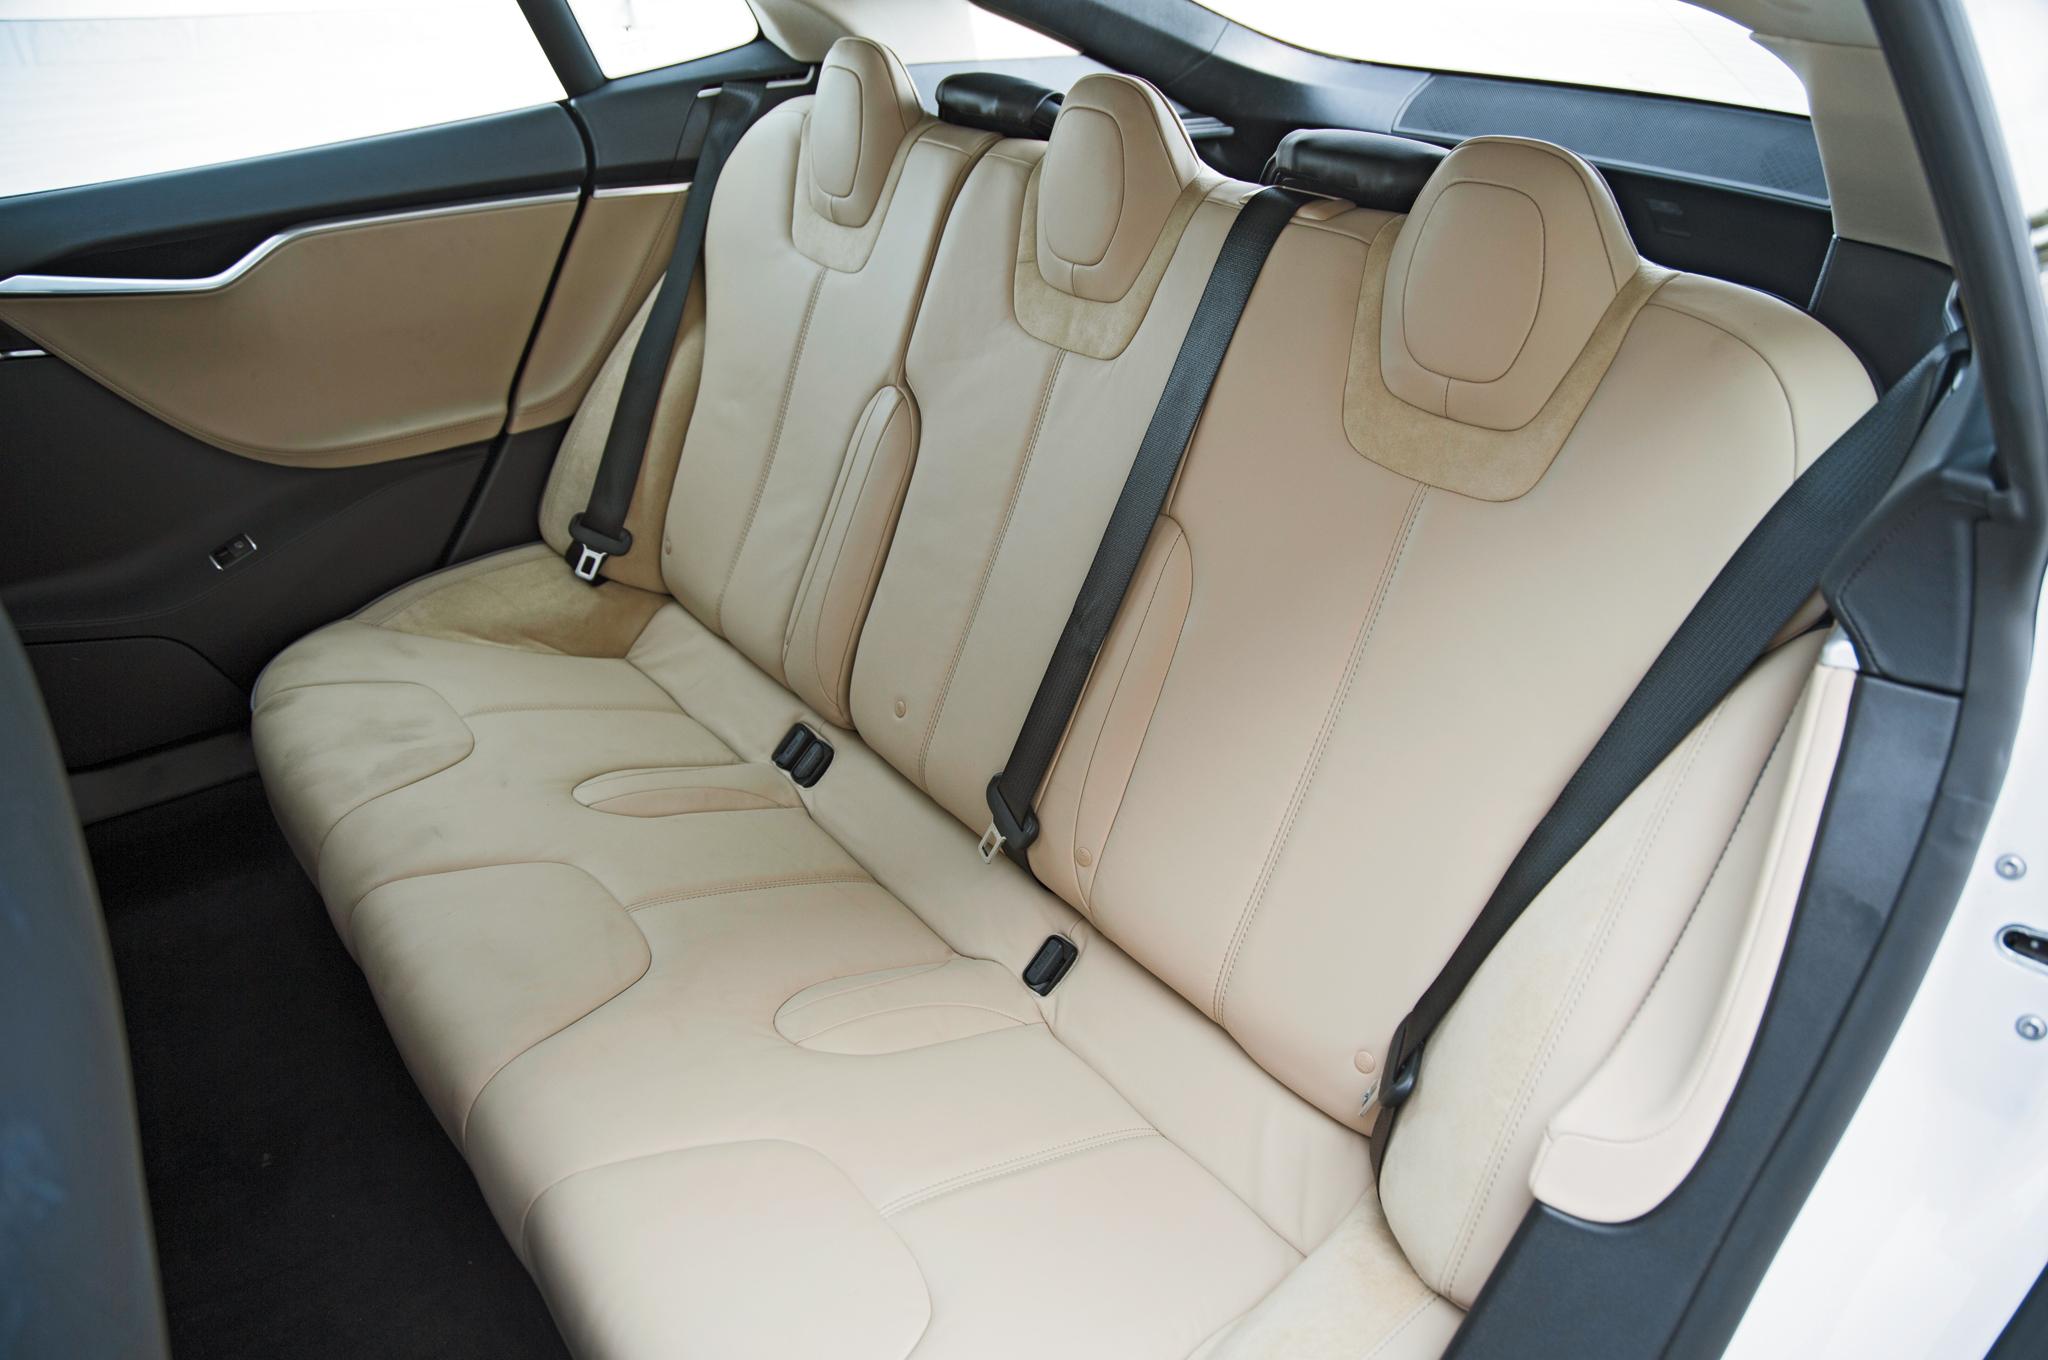 2013-tesla-model-s-rear-interior-seats.jpg